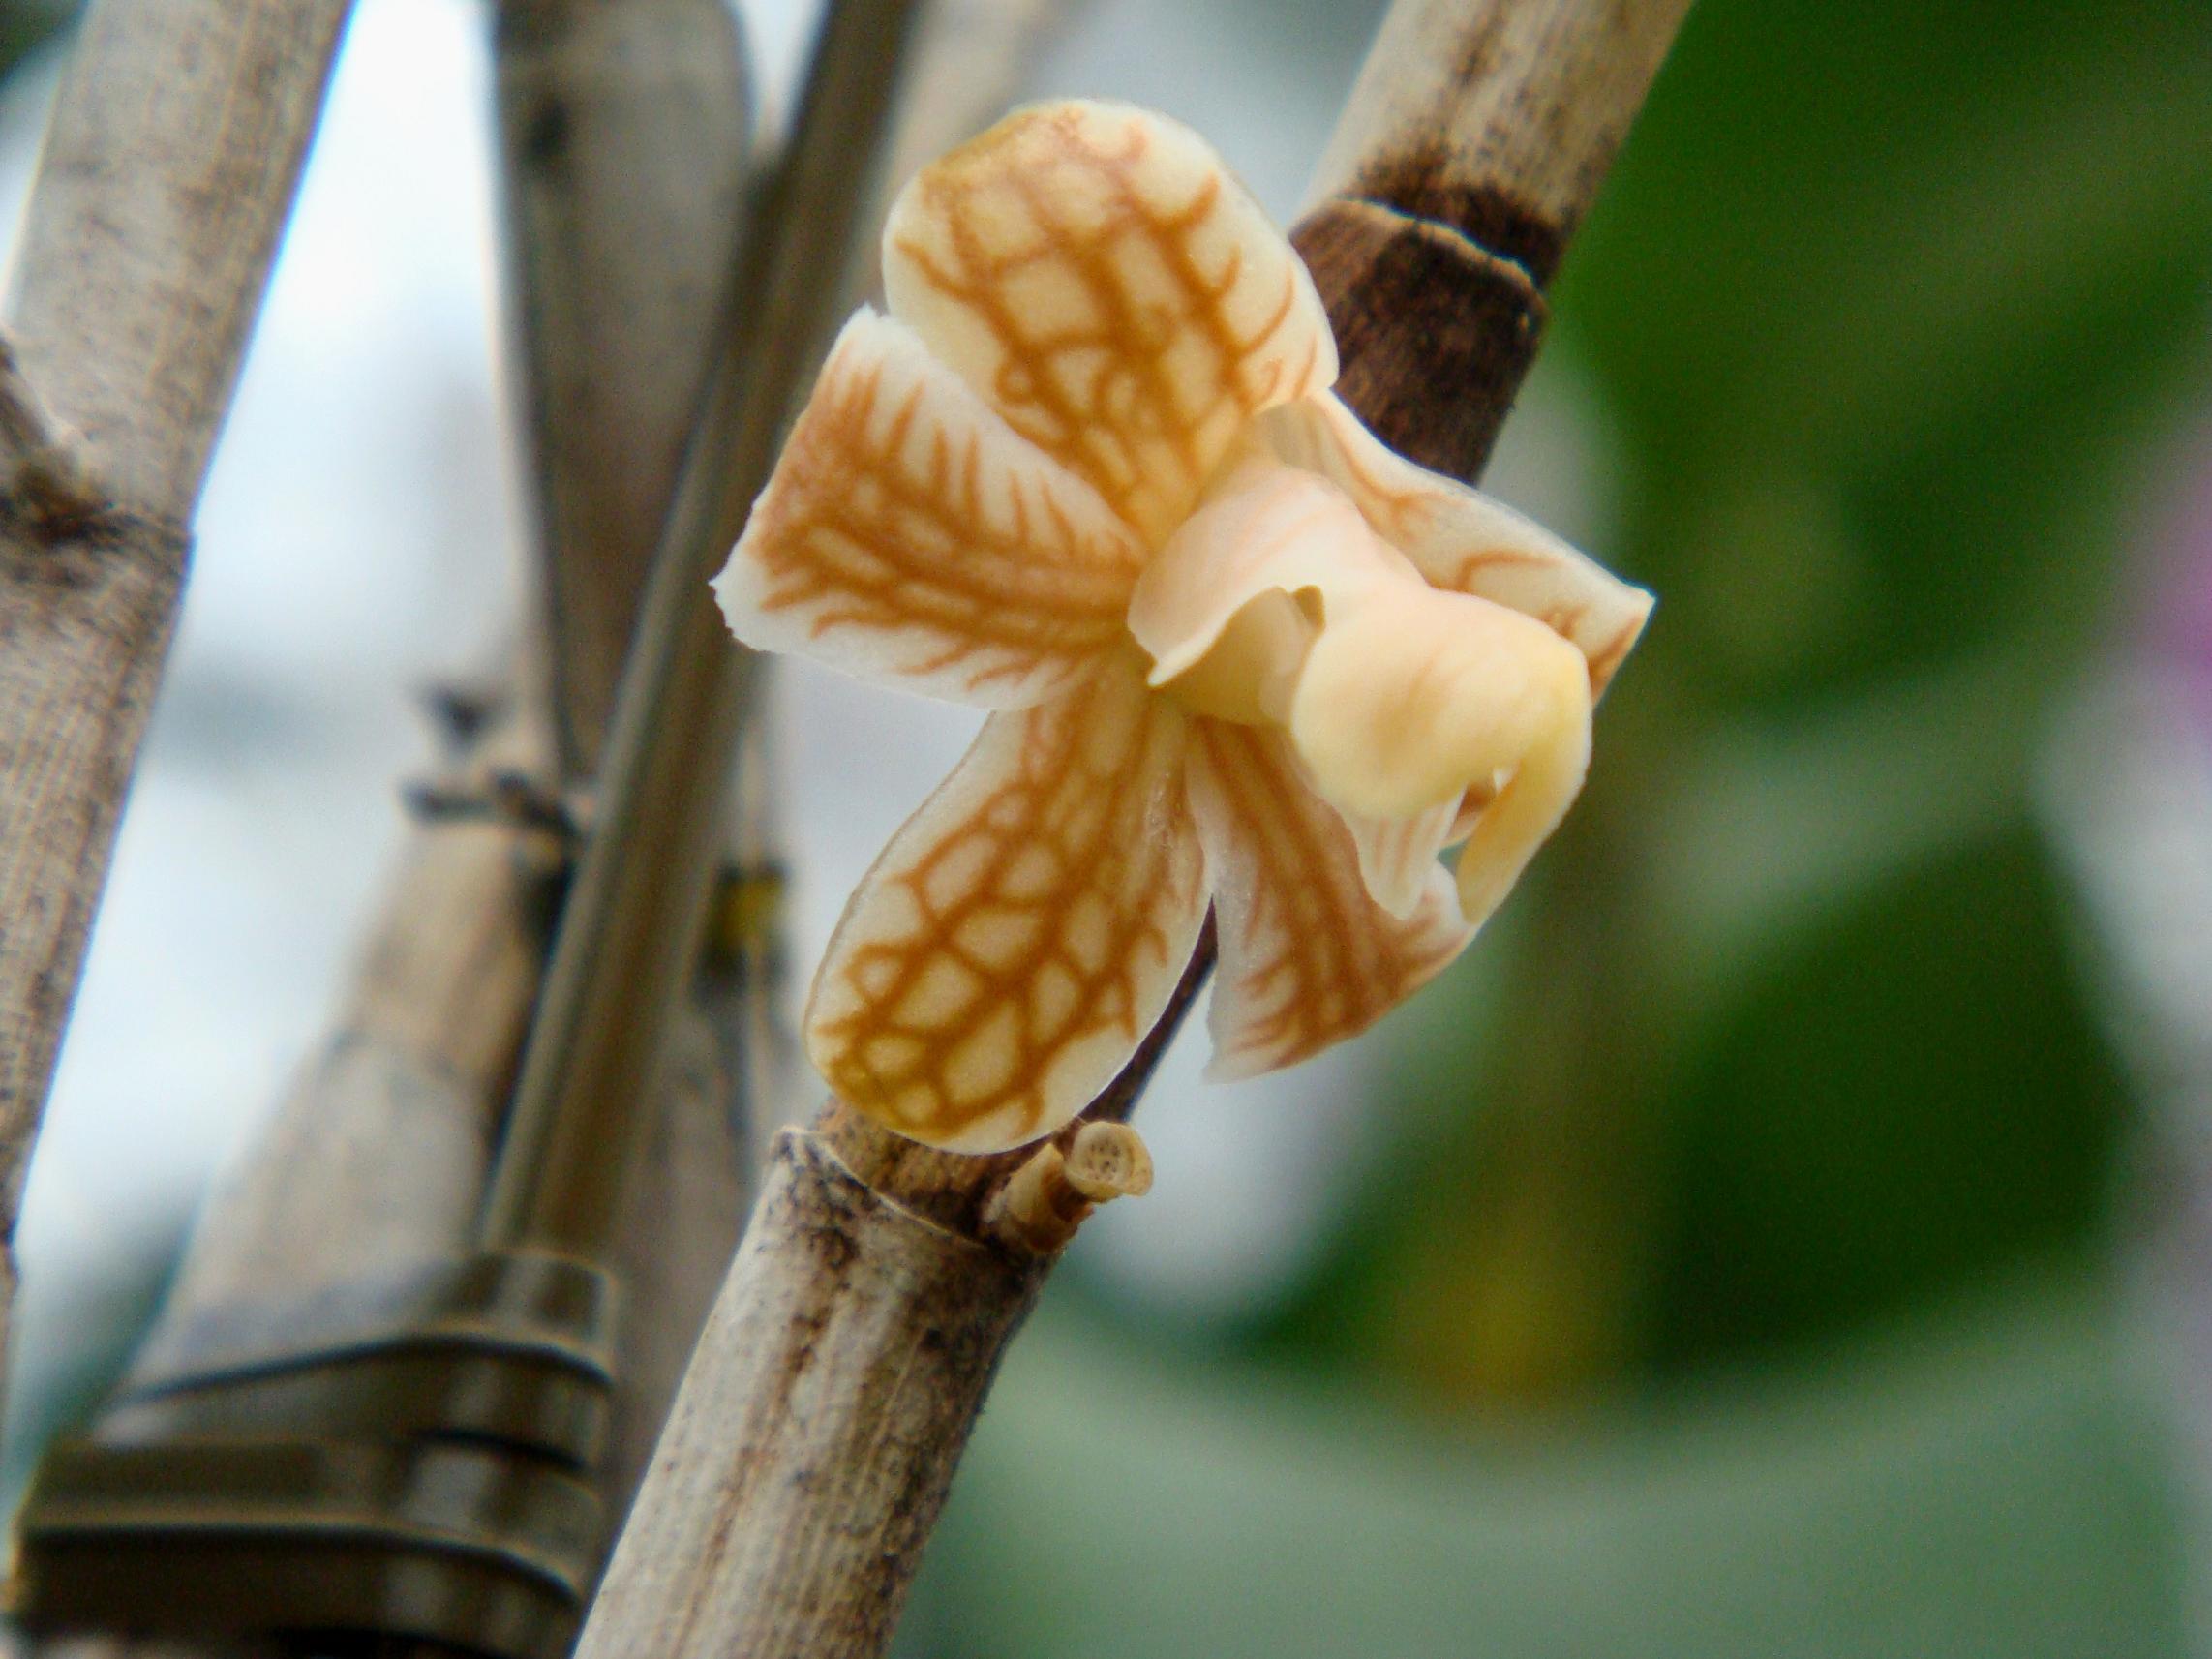 http://orchids.la.coocan.jp/Dendrobium/Dendrobium%20nemorale/DSC01867.JPG